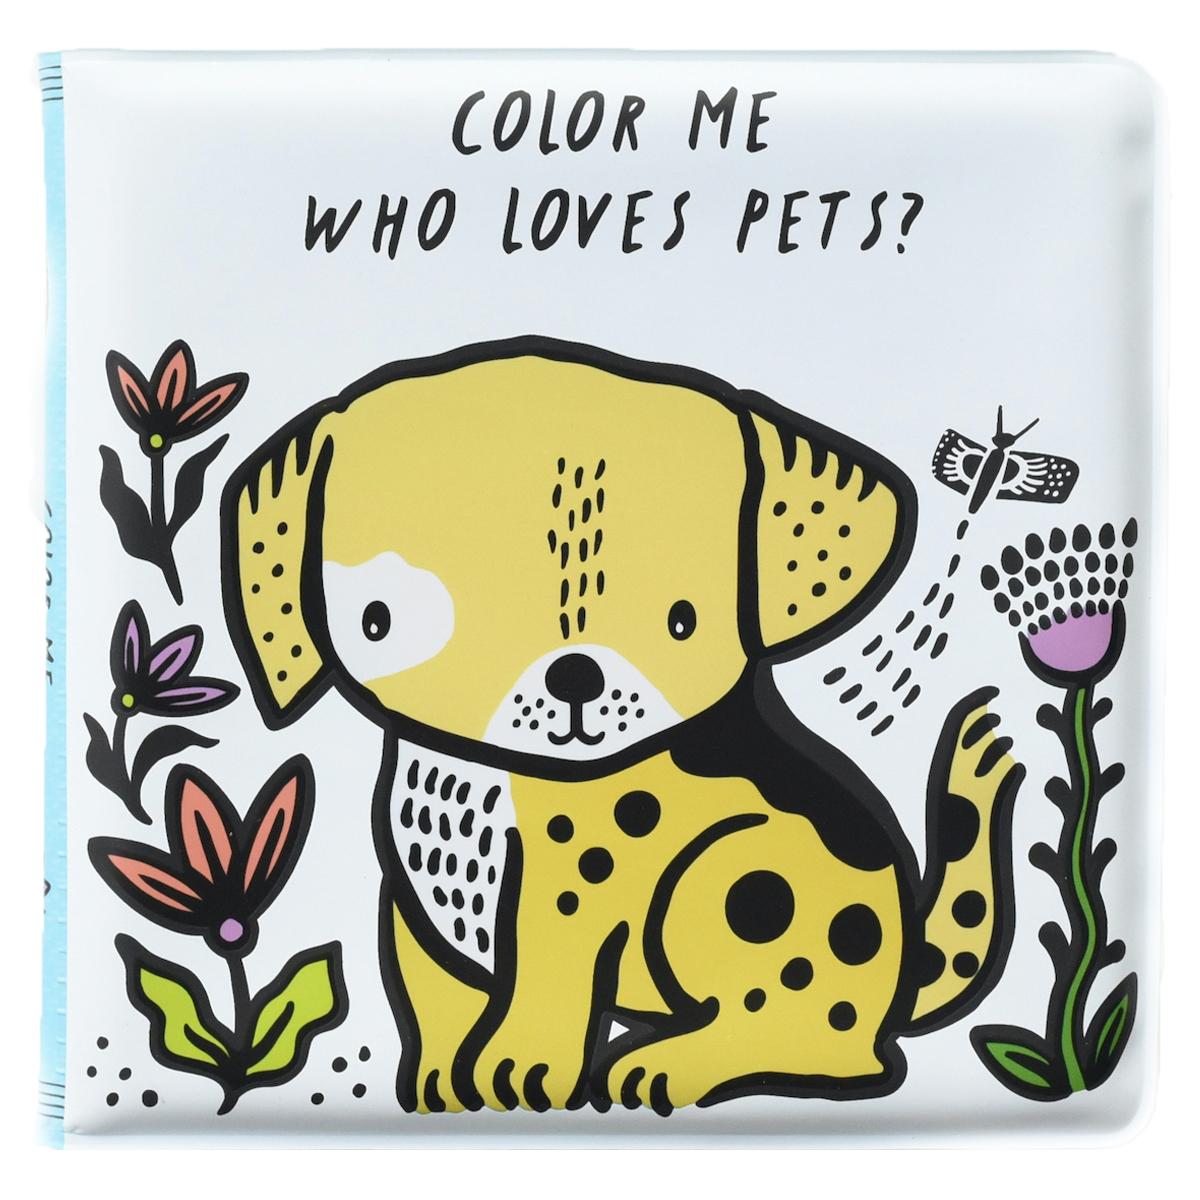 Livre & Carte Livre de Bain Color Me - Who Loves Pets Livre de Bain Color Me - Who Loves Pets